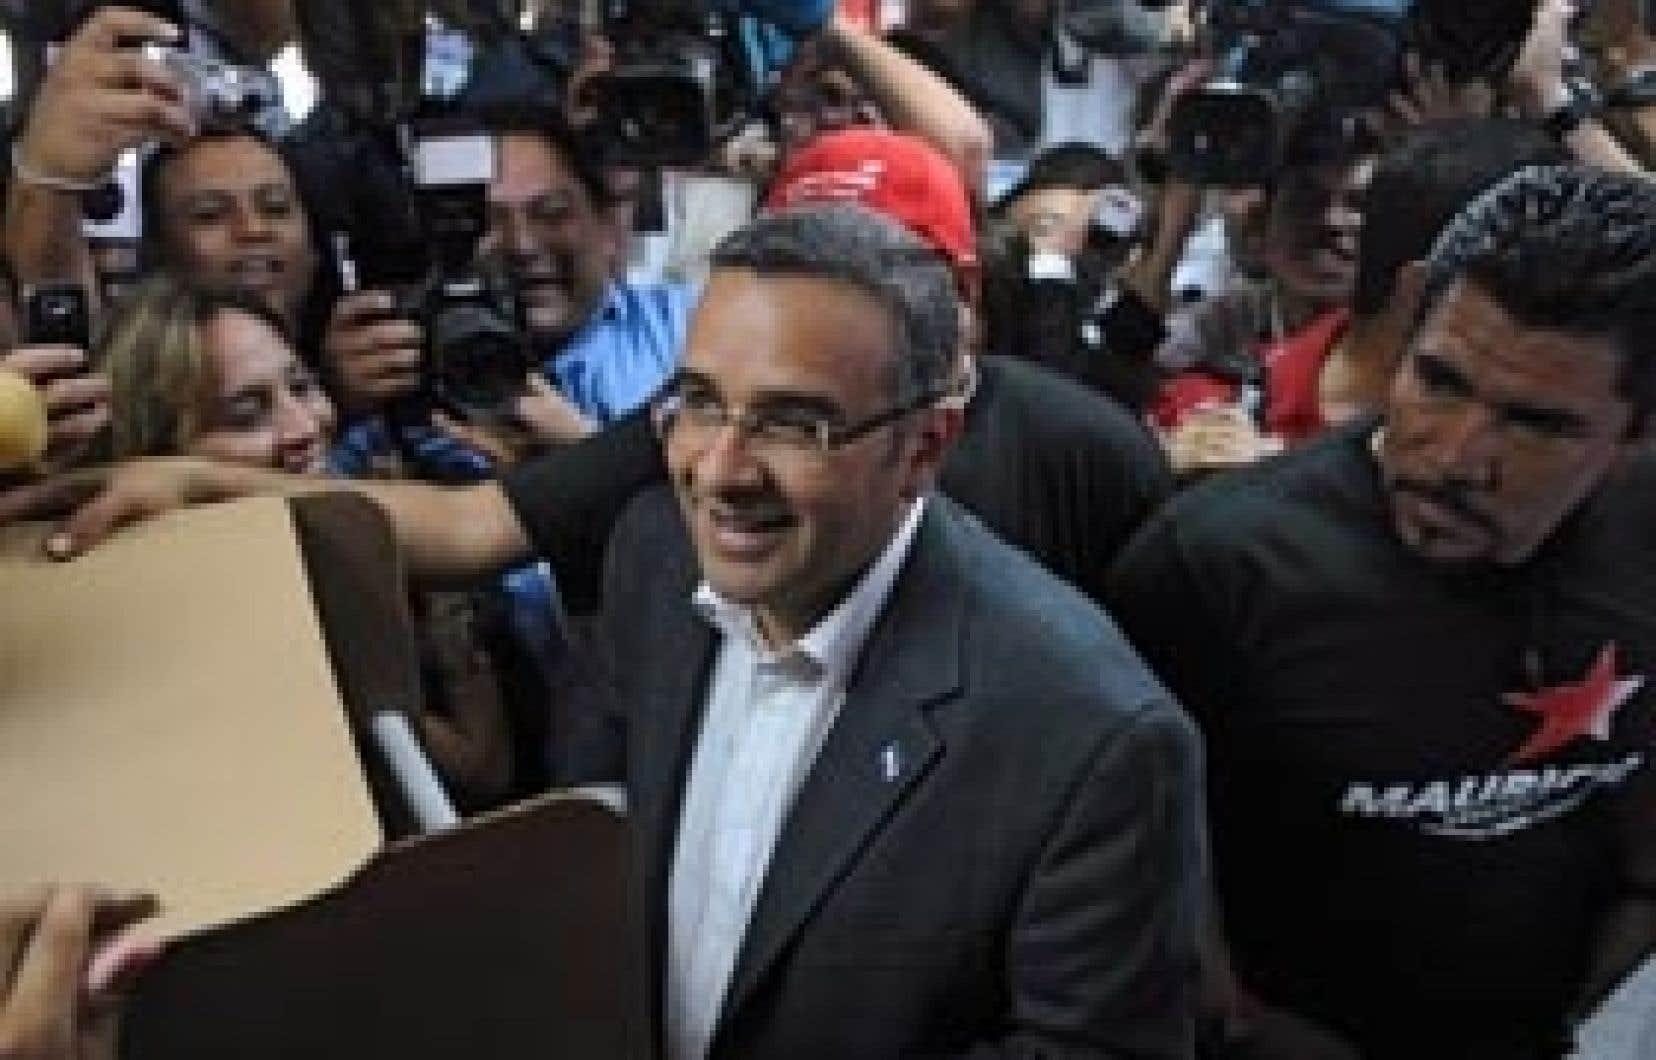 Le candidat de la gauche salvadorienne, Mauricio Funes, au moment d'aller voter. Il s'est déclaré élu hier soir.